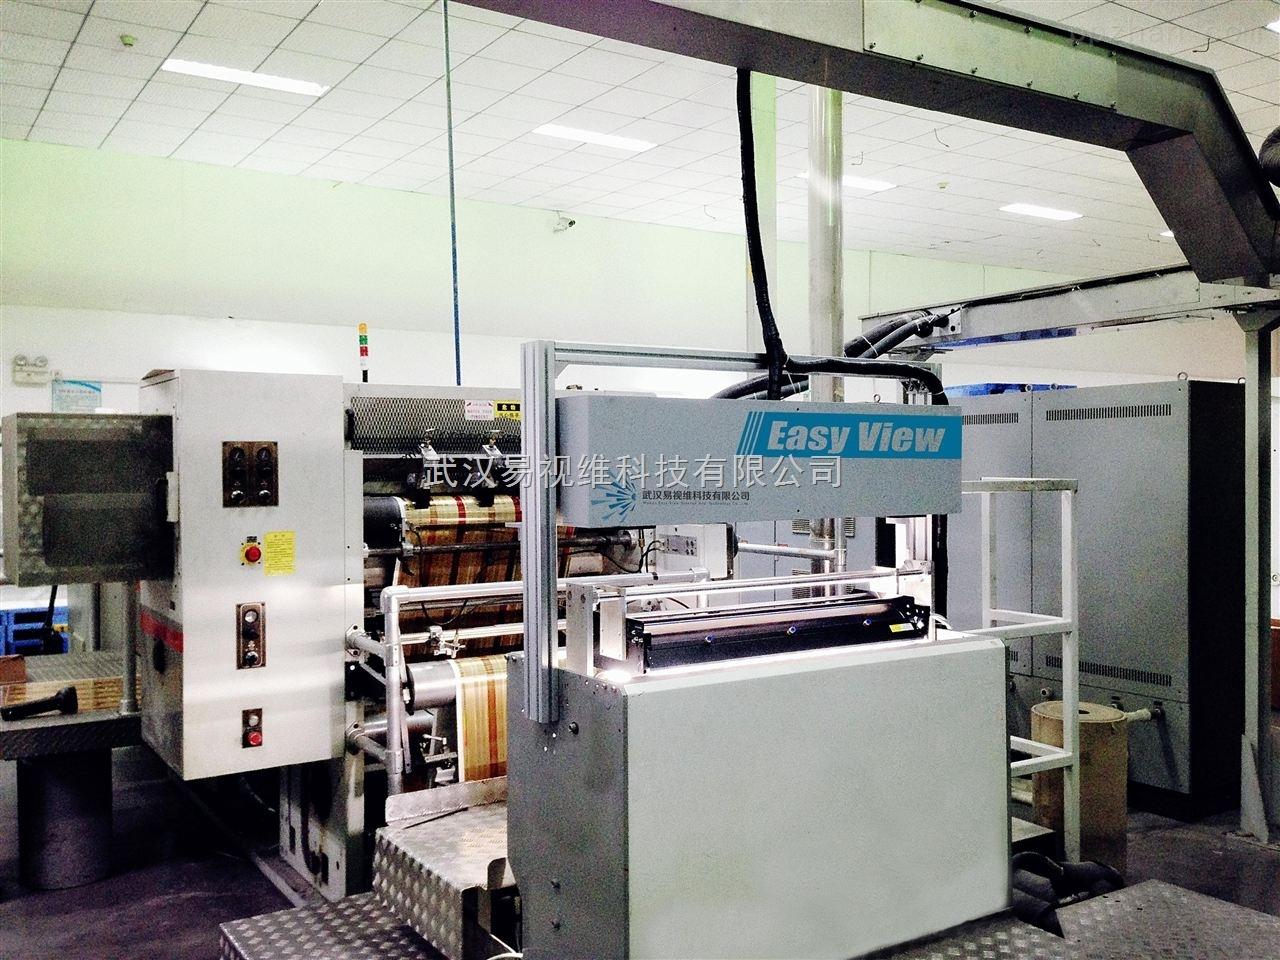 印刷质量视觉检测系统